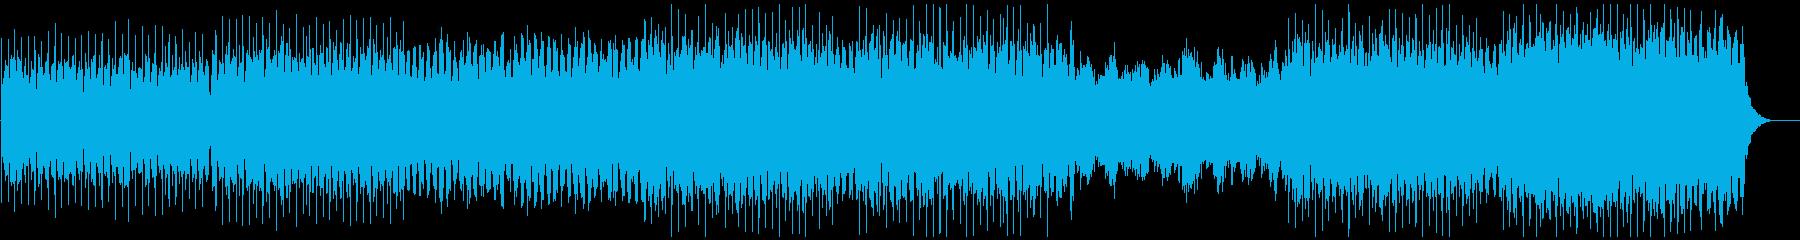 アンビエント テクノロジー シンセ...の再生済みの波形